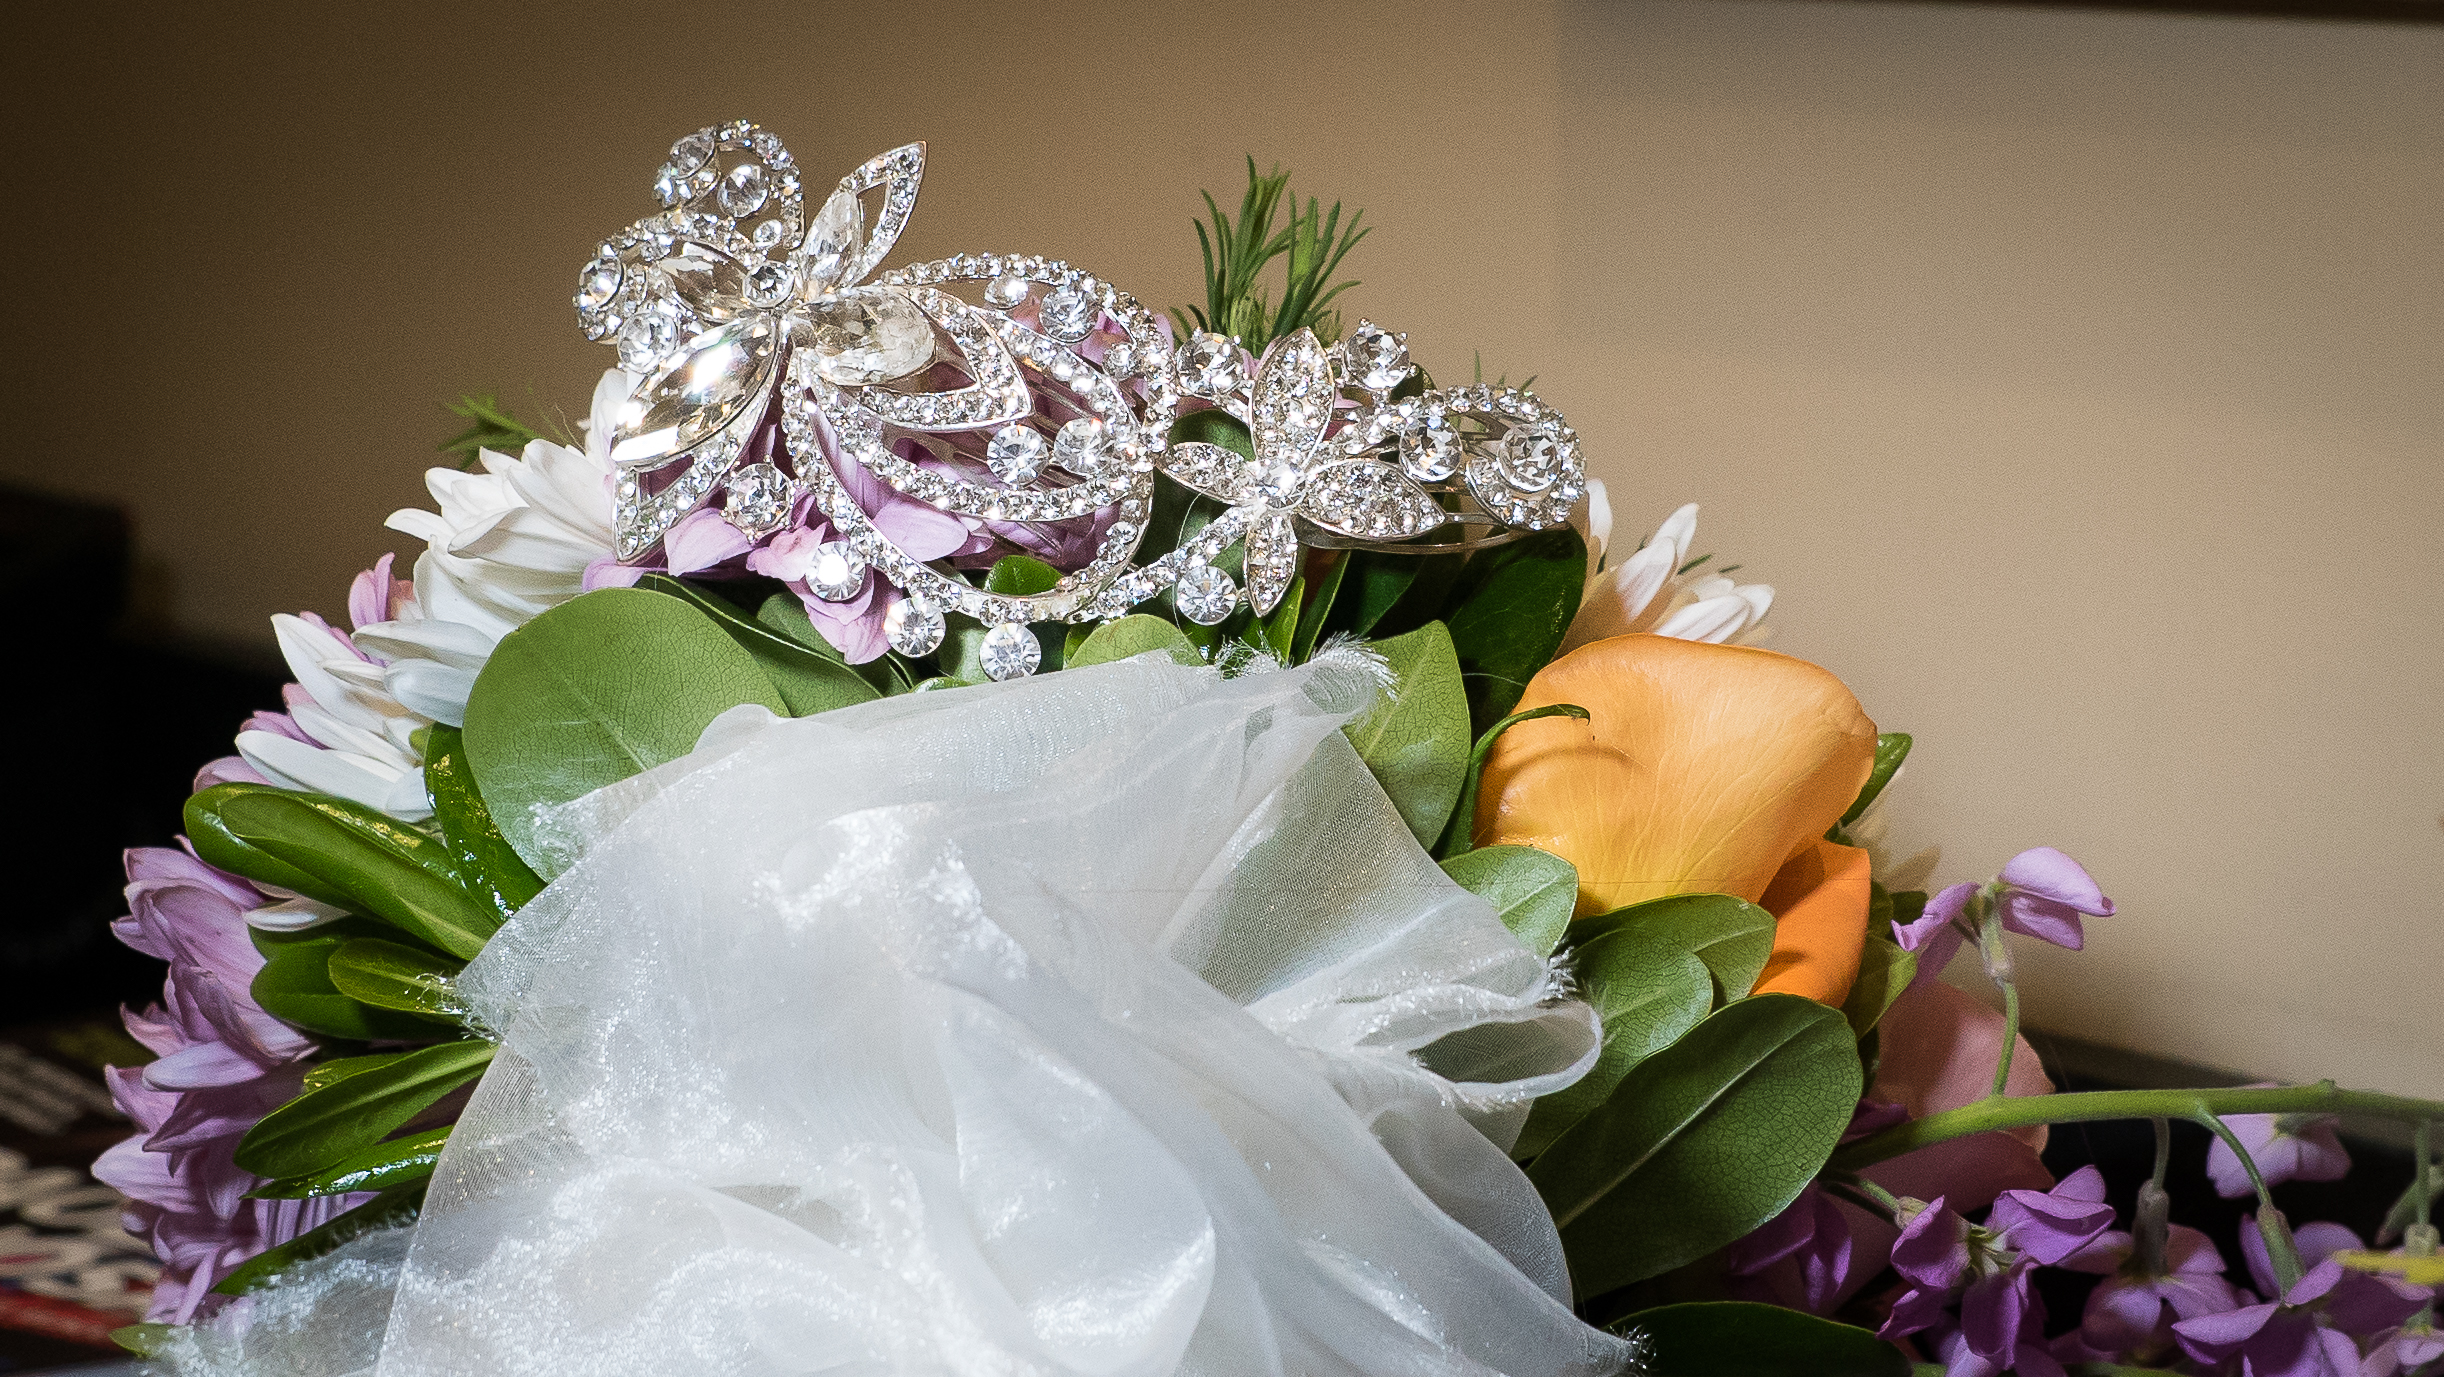 Tampa Wedding Photographer, bridal shoot, spring aspiration, flowers, bouquet, fotografo de bodas